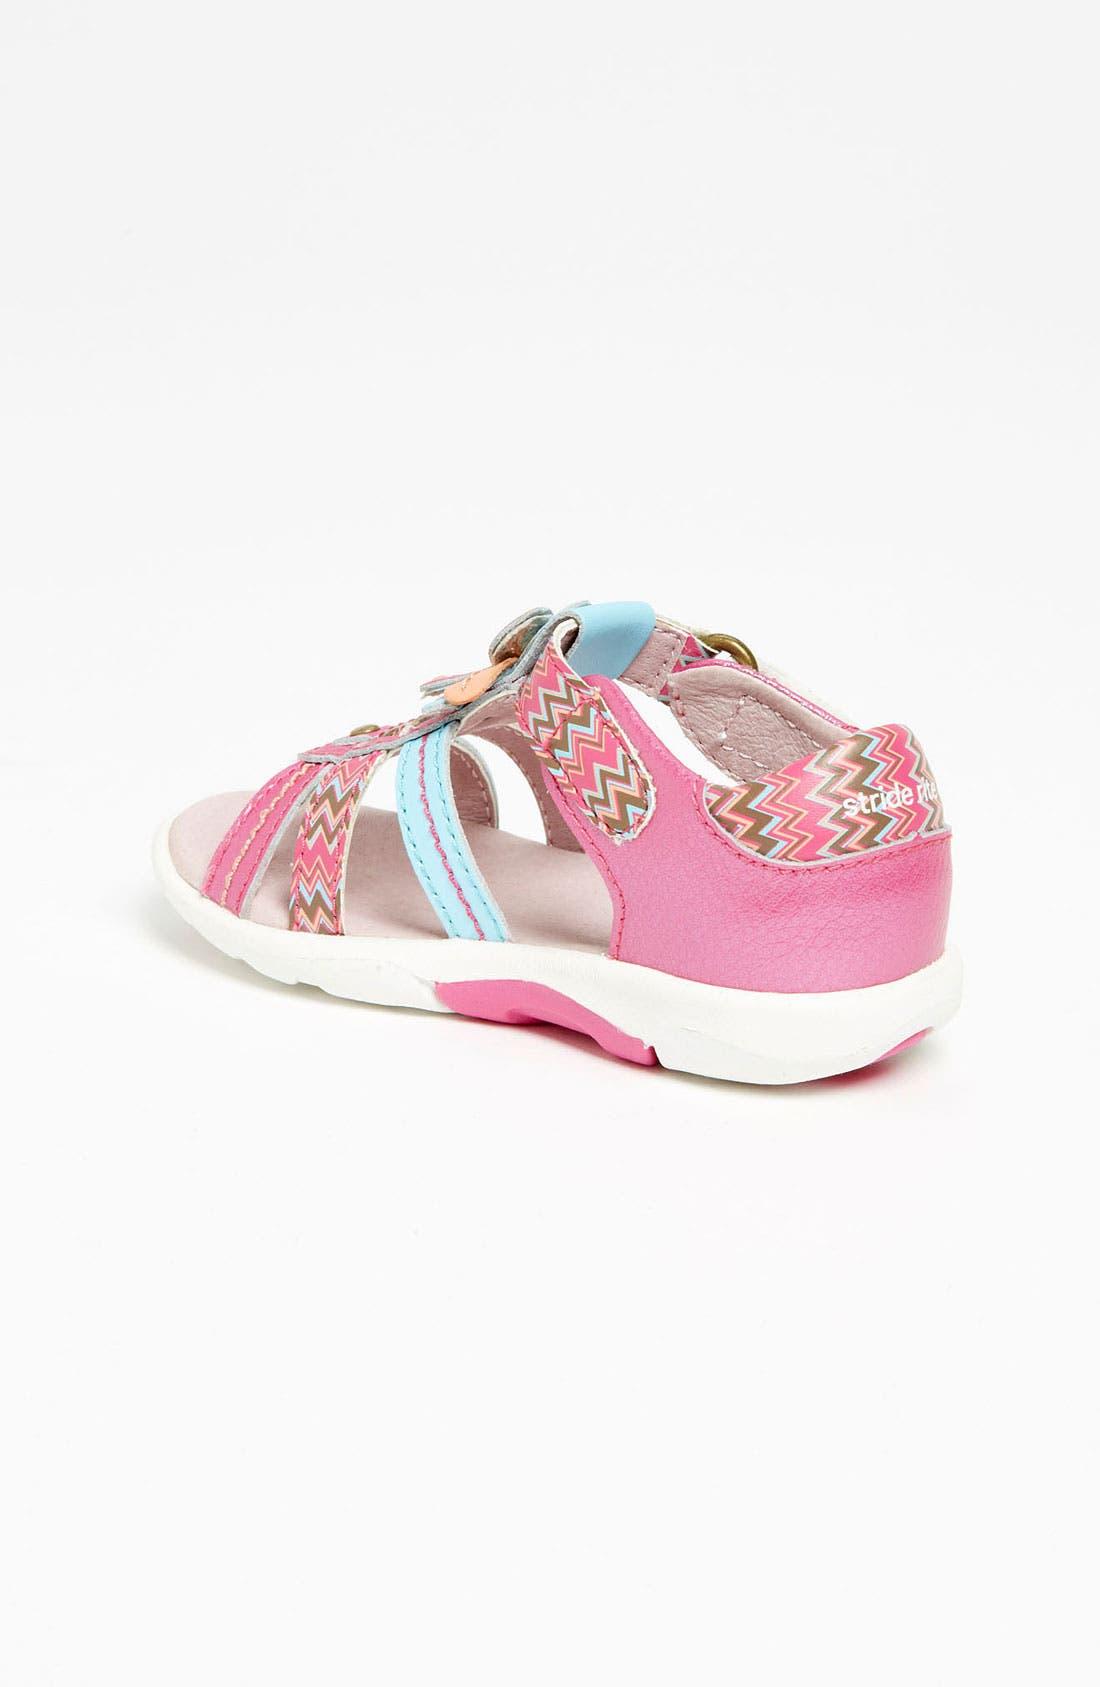 Alternate Image 2  - Stride Rite 'Brenna' Sandal (Baby, Walker & Toddler)